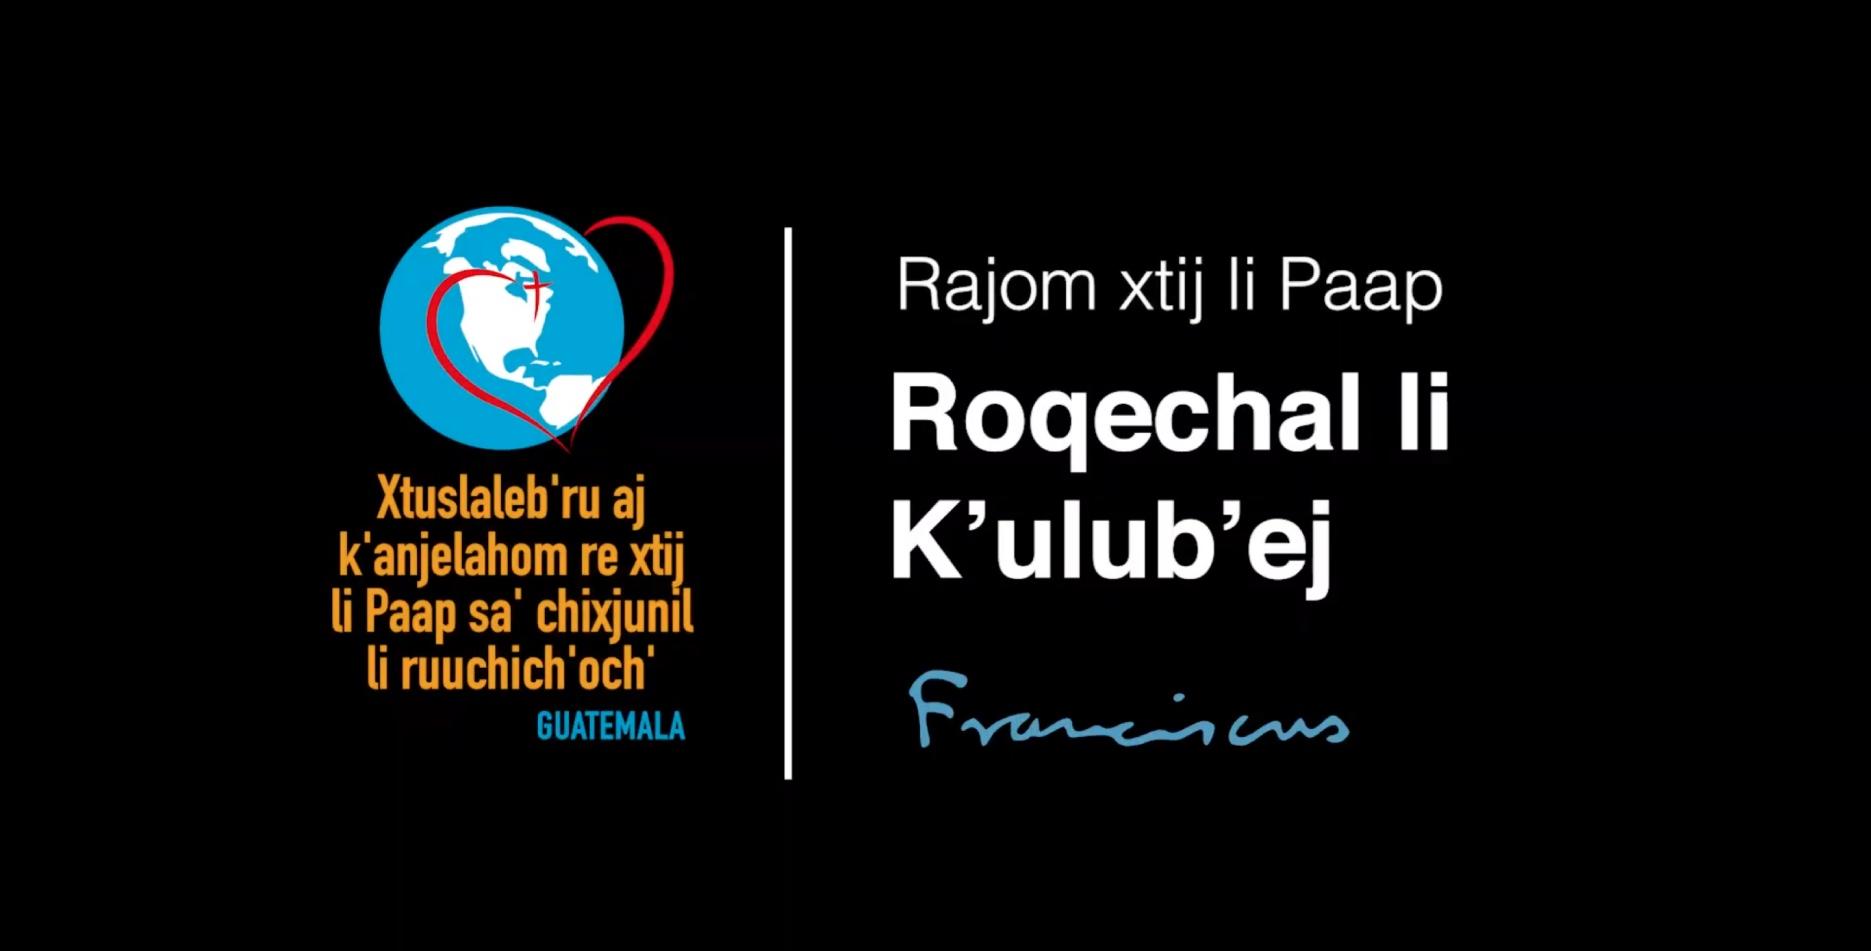 04 | ROQECHAL LI K'ULUB'EJ